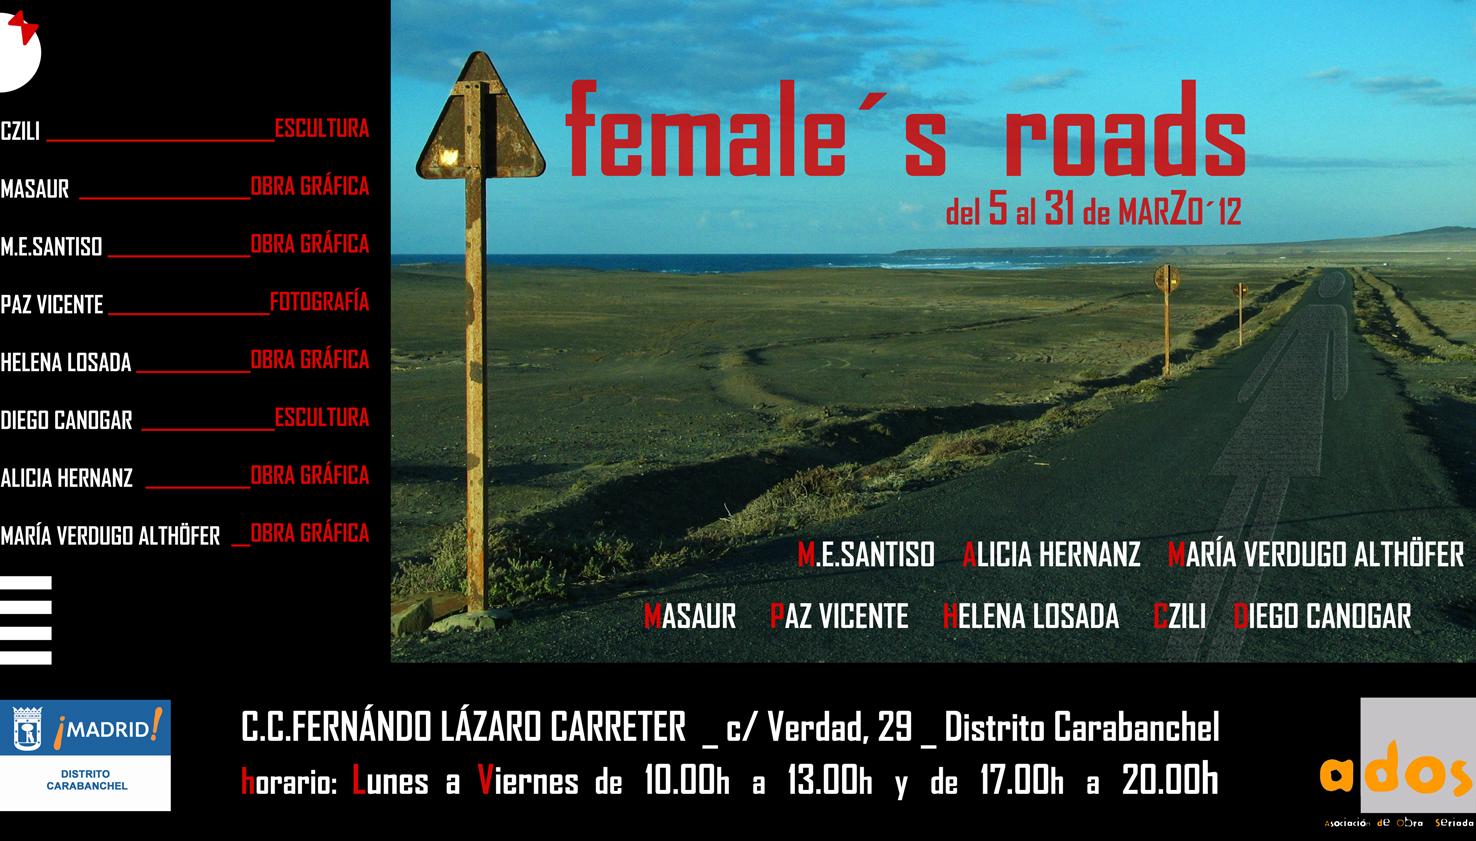 Próxima exposición: Female's road